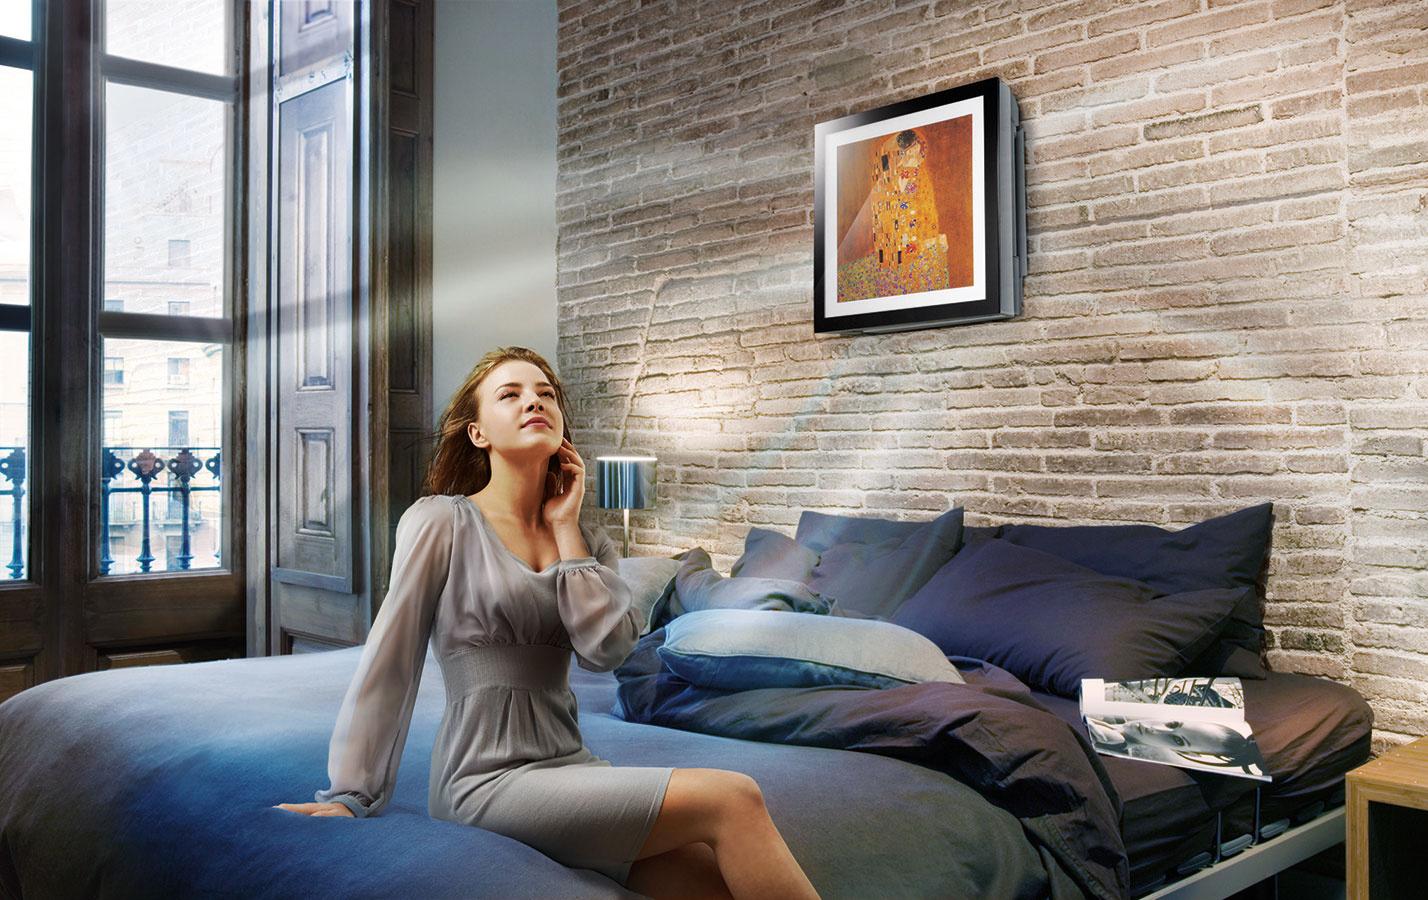 LG Artcool Gallery   Táto nástenná klimatizácia je zároveň obrazom velegantnom ráme, ktorý možno meniť. Získala niekoľko prestížnych ocenení za dizajn vrátane Red Dot Design Award aiF Product Design Award.